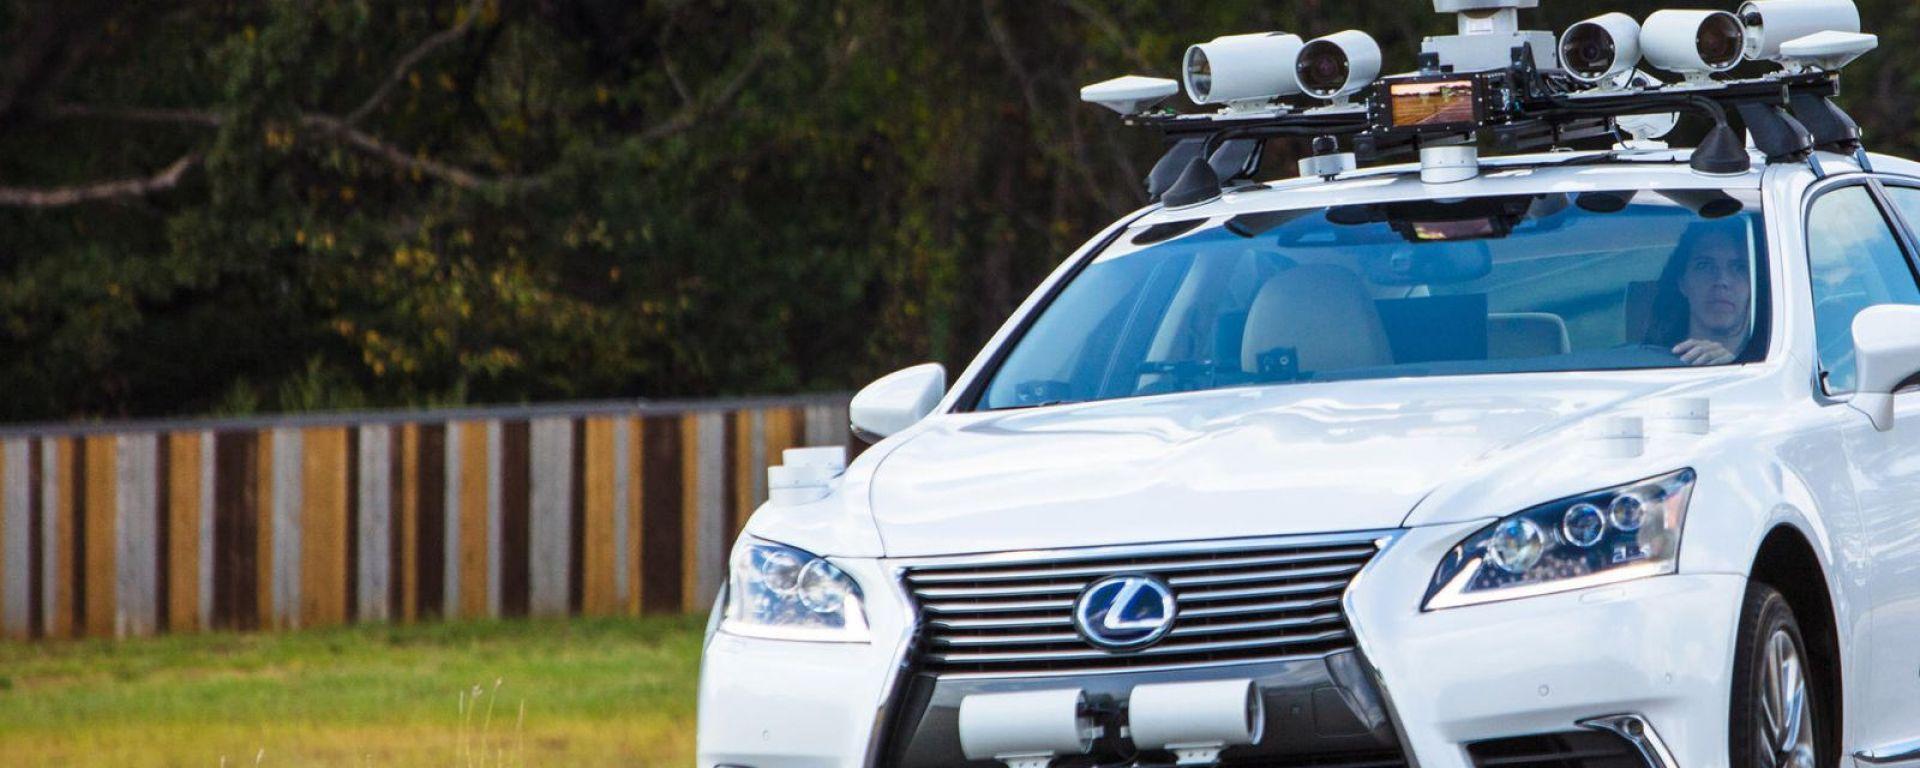 Toyota, la promessa: auto a guida autonoma entro un anno